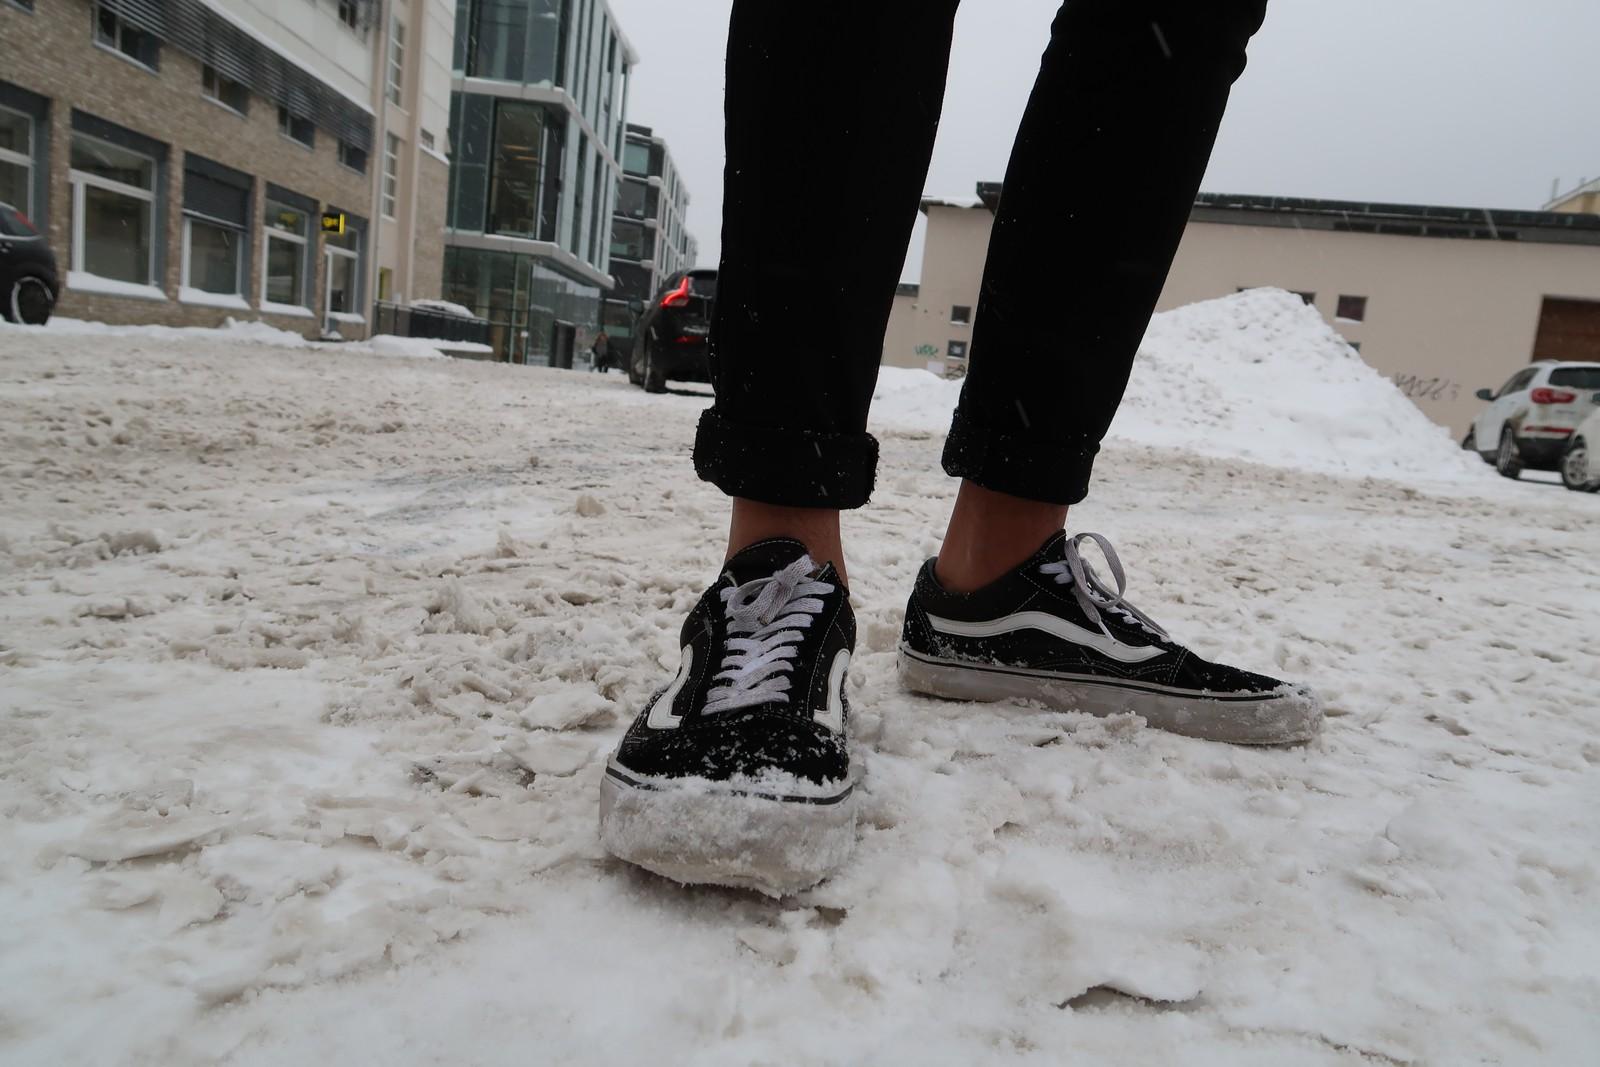 Marco Pizarro har ikke investert i vintersko, men har prioritert ny jakke. Han går mye ute og synes det av og til er kaldt, særlig når snøen er våt og dyp.